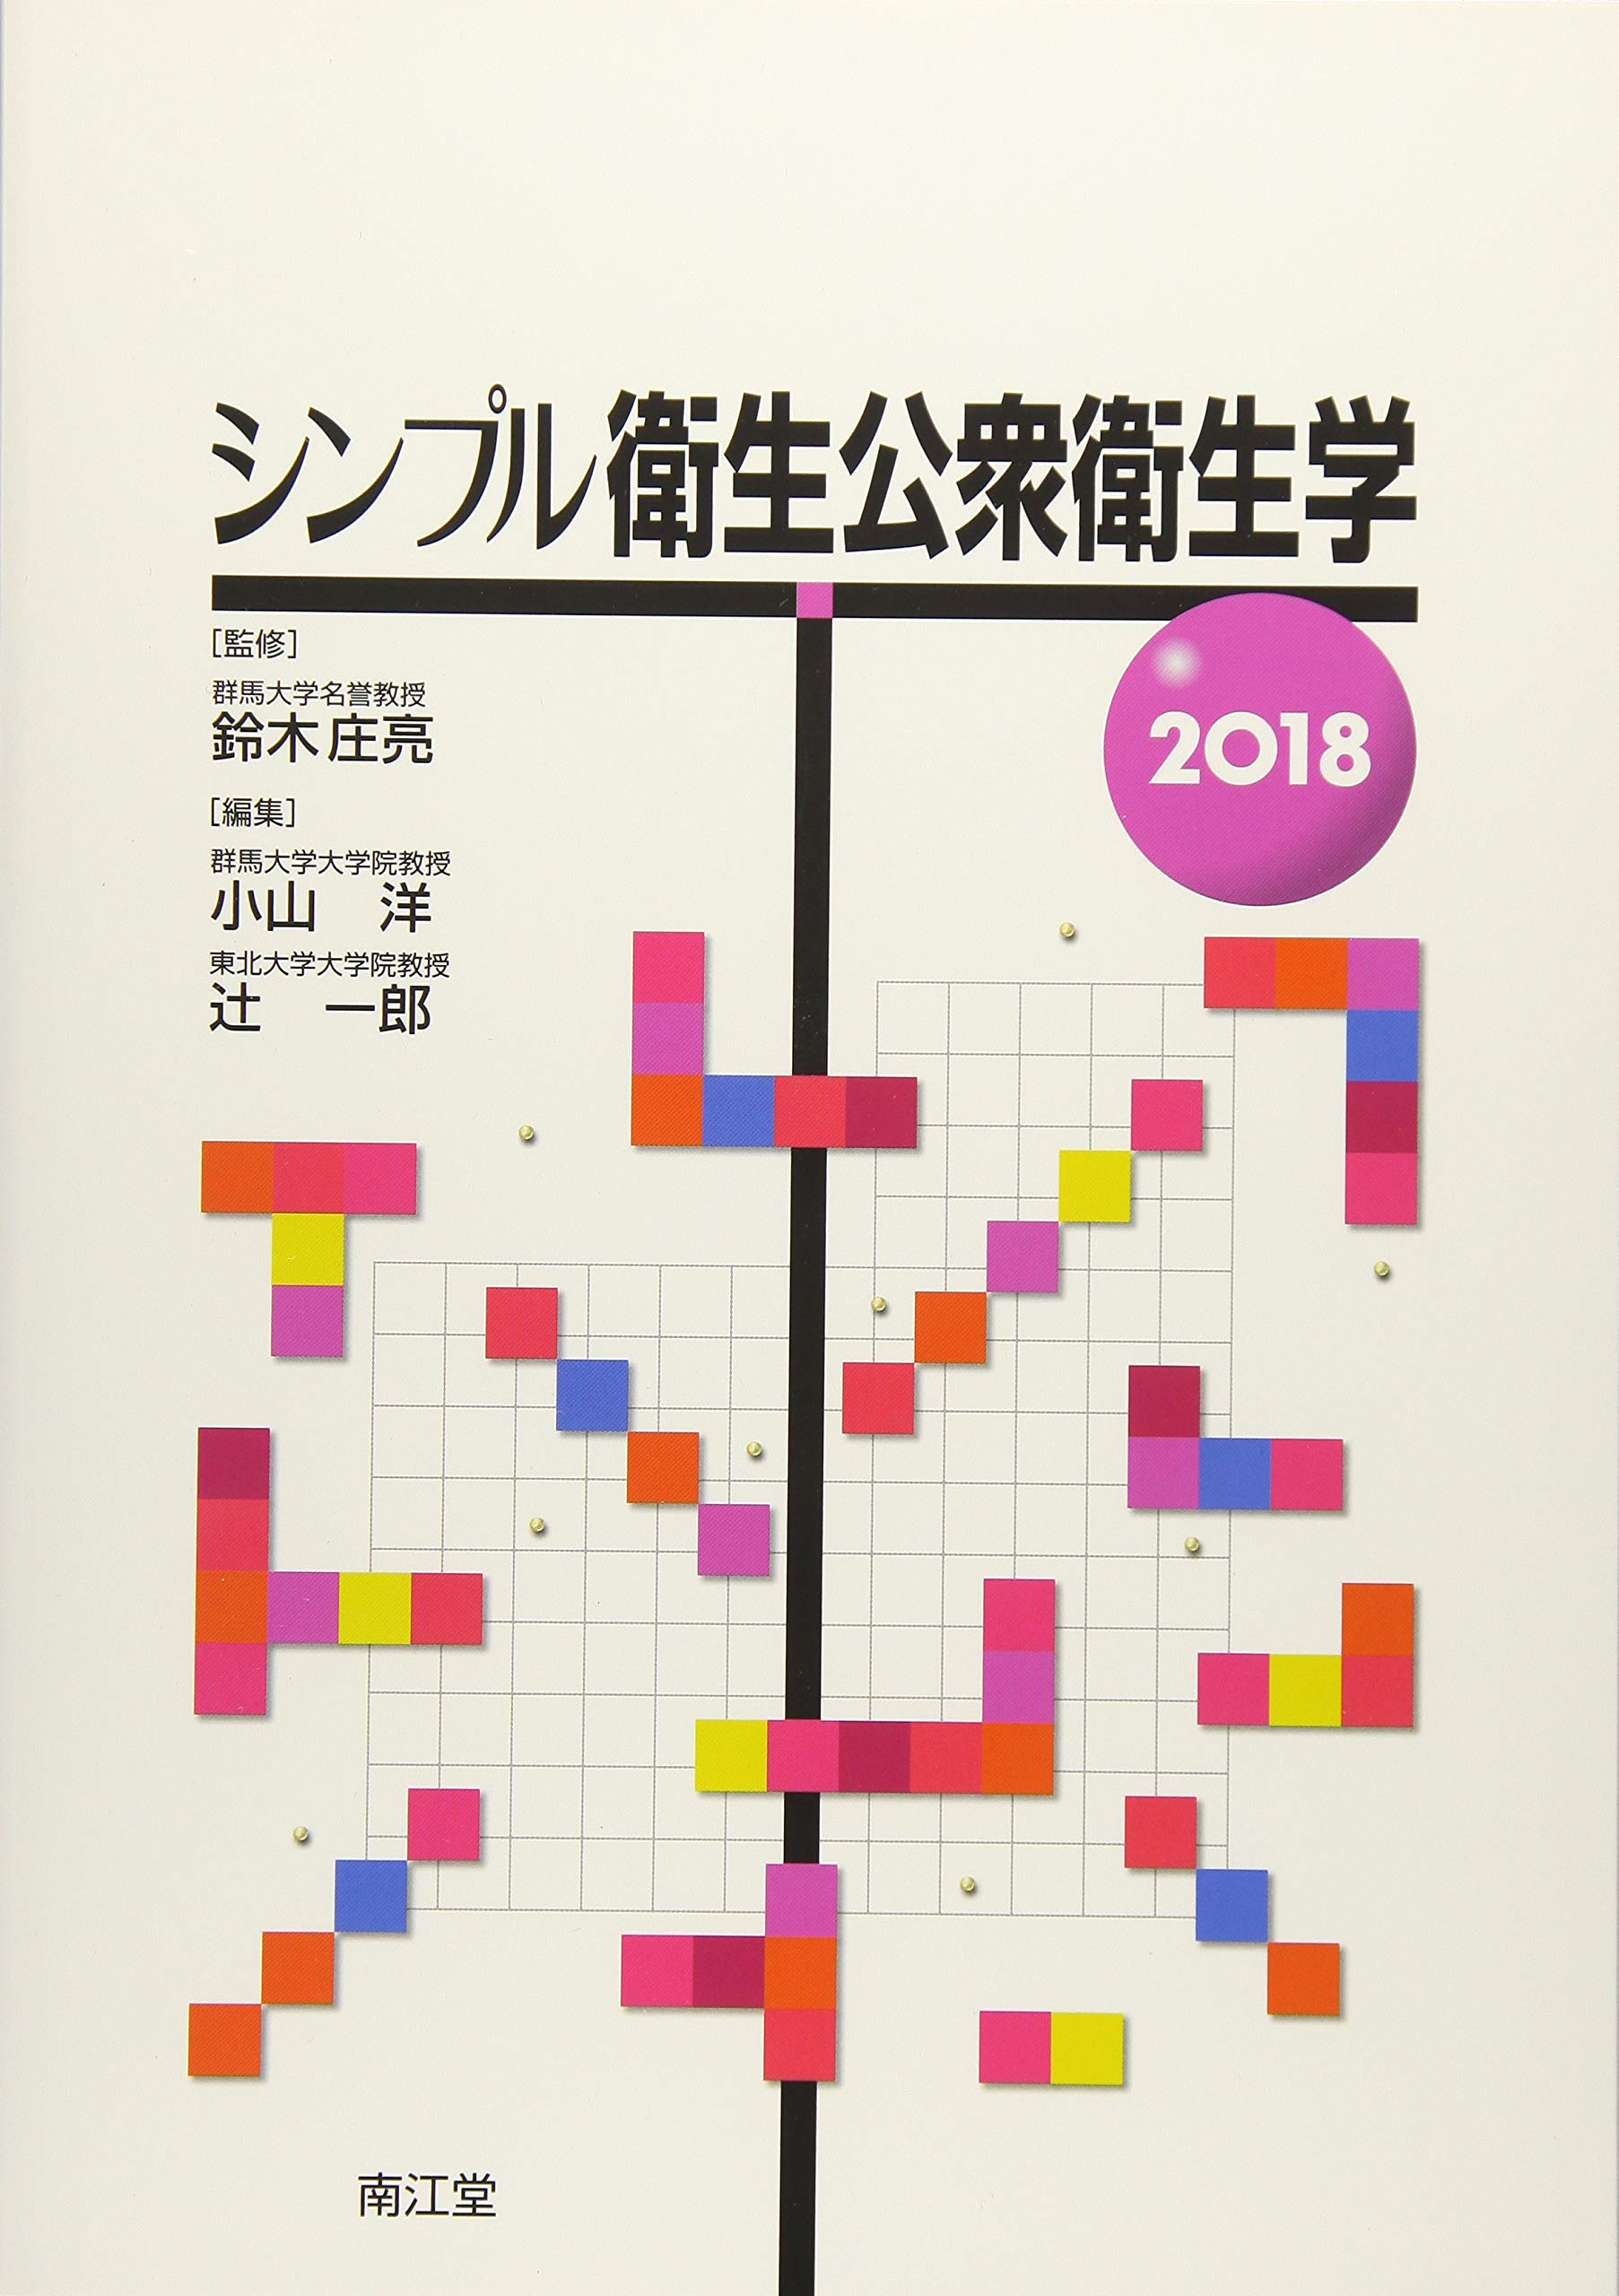 シンプル衛生公衆衛生学2018 | 鈴木 庄亮, 小山 洋, 辻 一郎 |本 ...